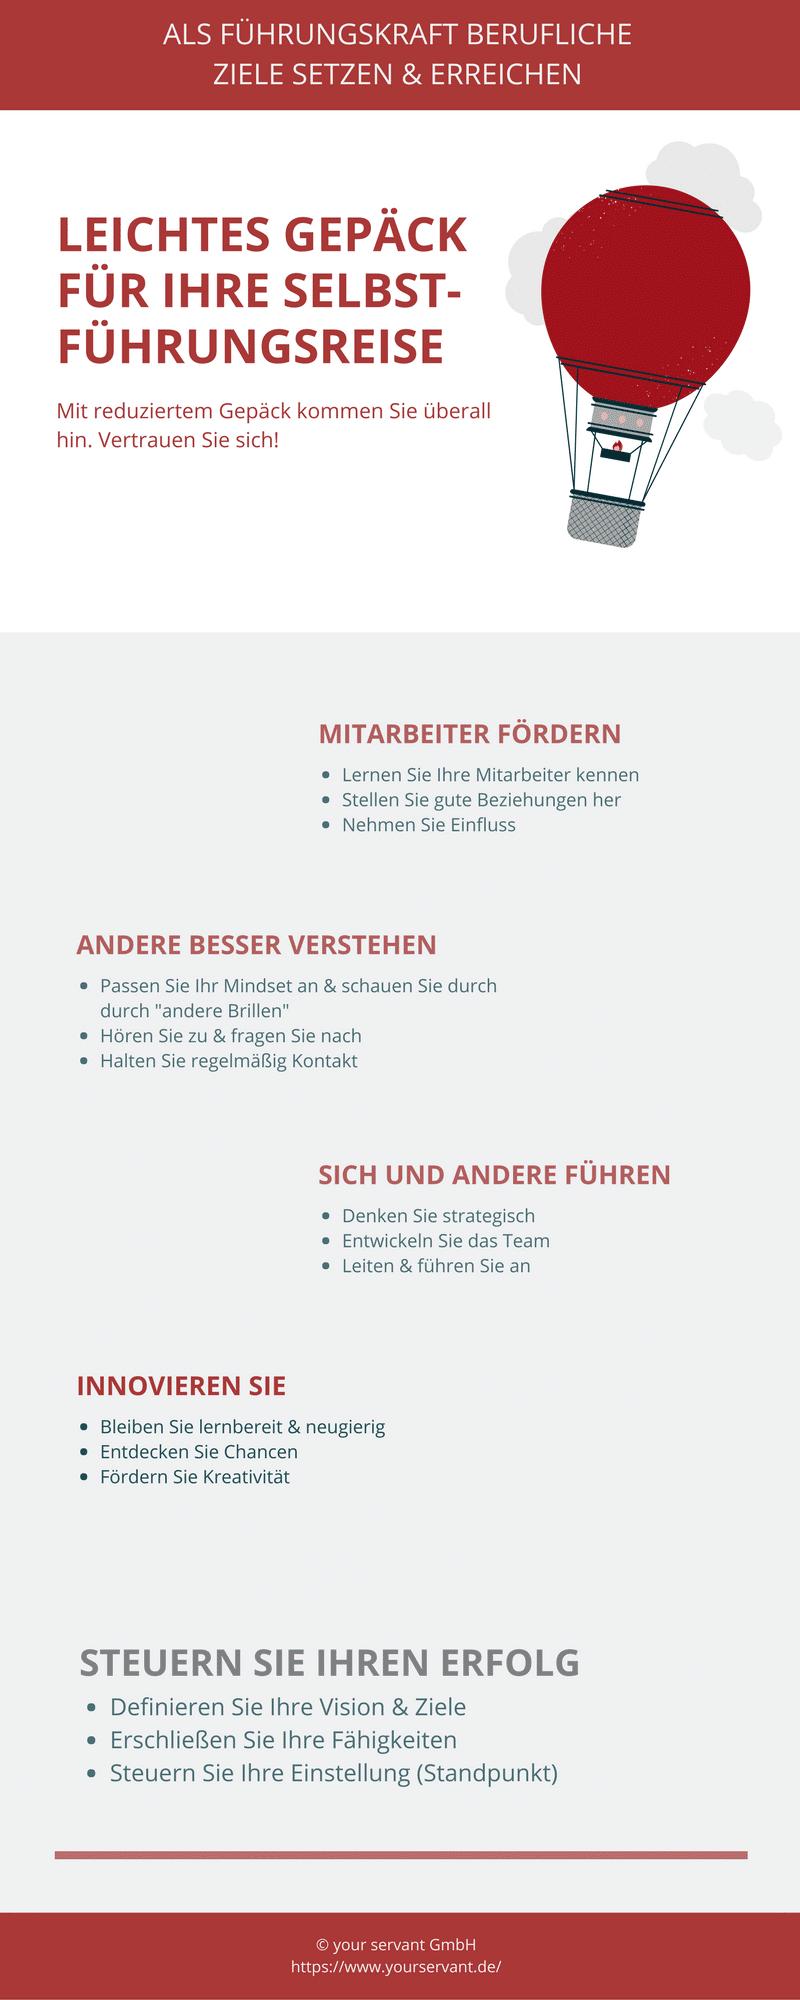 Vier essentielle Punkte, mit denen Sie als Führungskraft Ihren Erfolg steuern. | © your servant GmbH - Infografik Führungserfolg